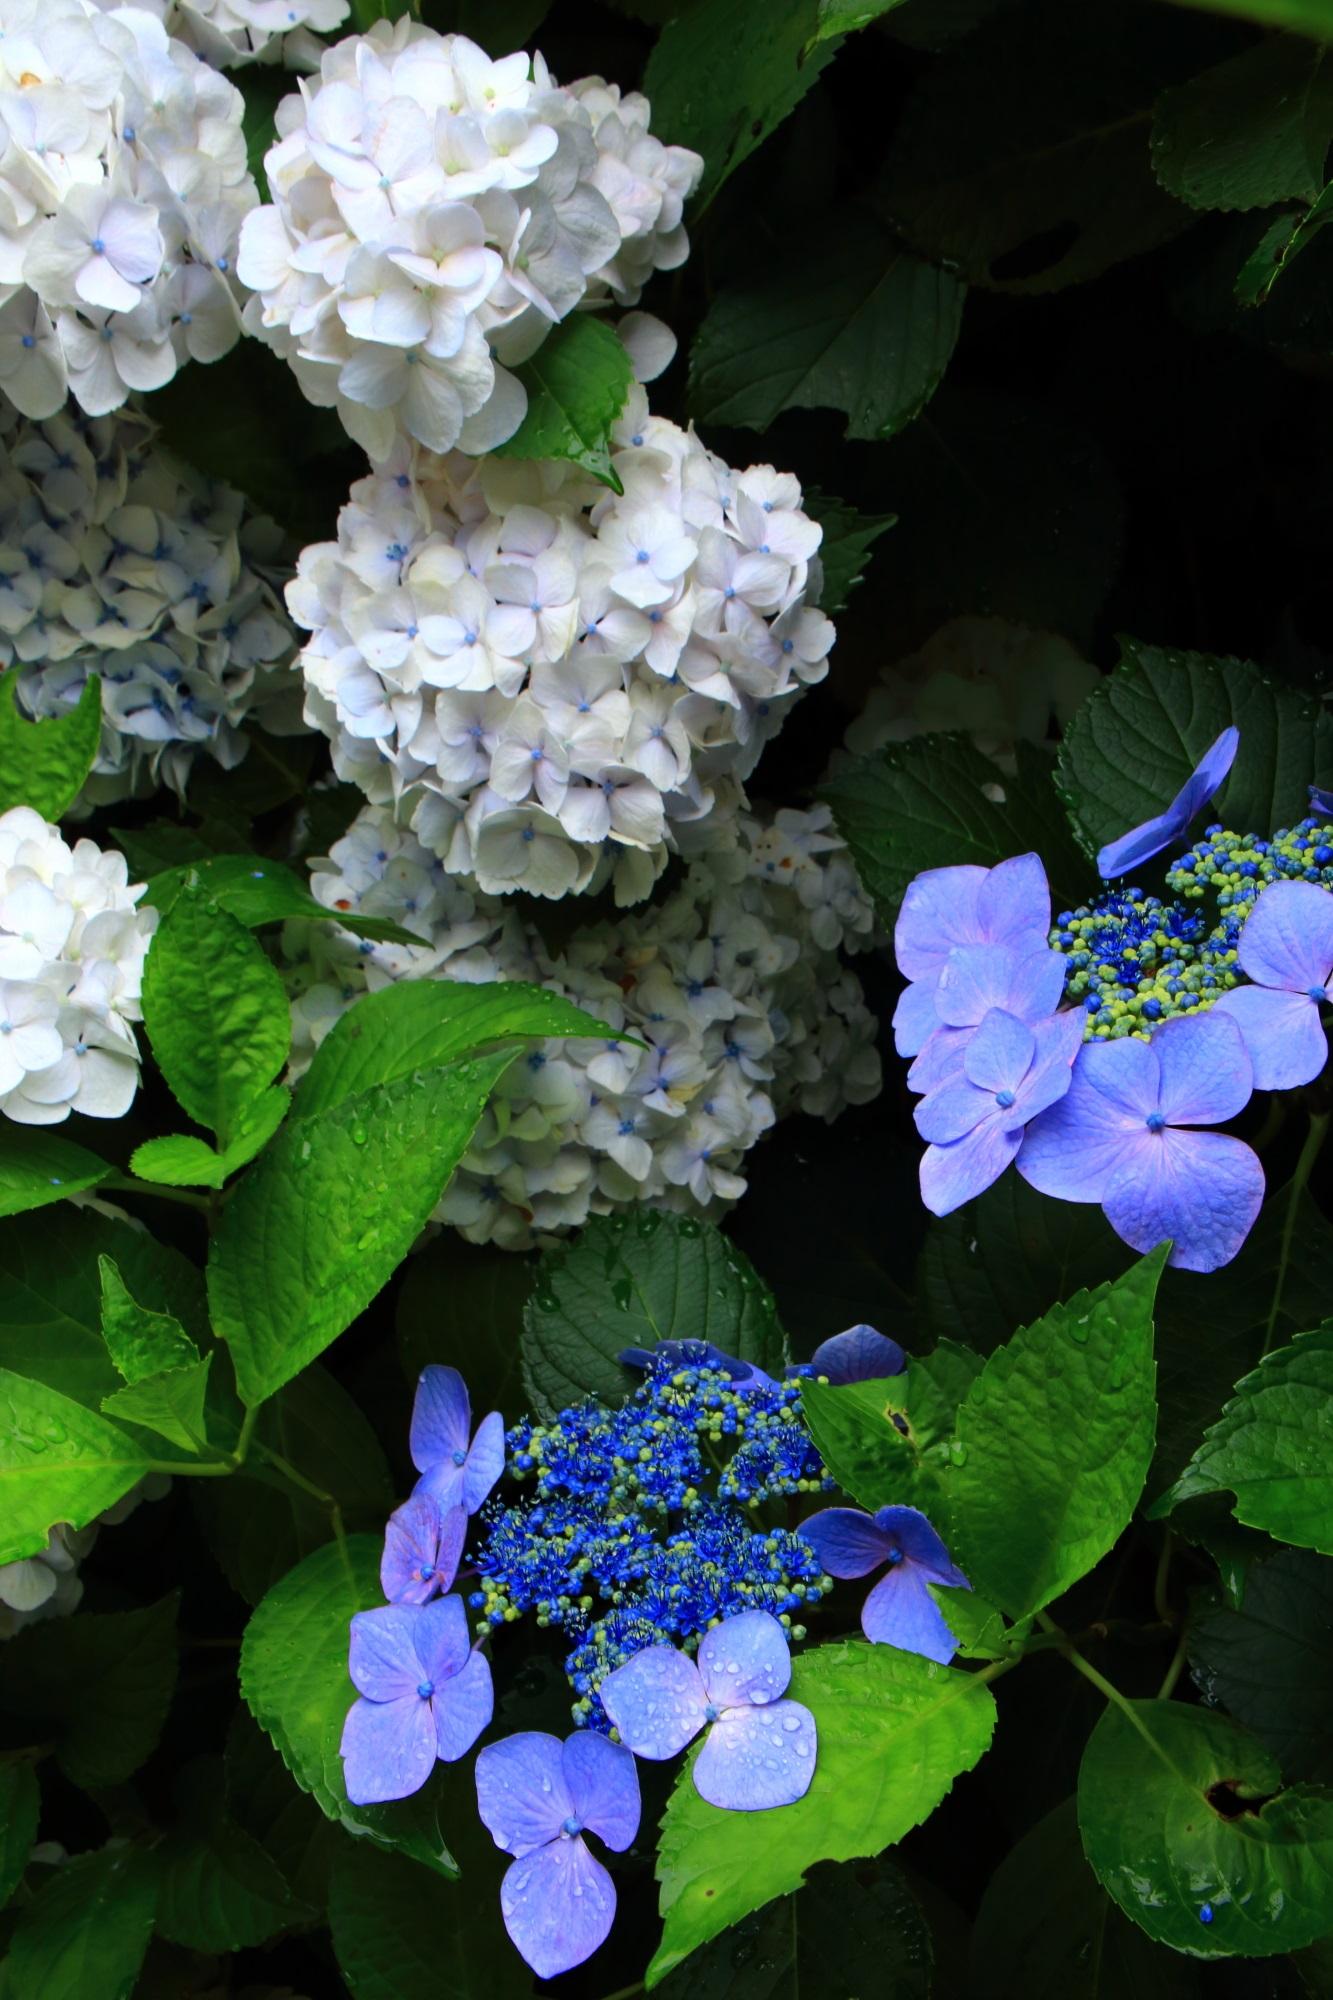 丹州観音寺の緑の葉の上で華やぐ白や青の紫陽花